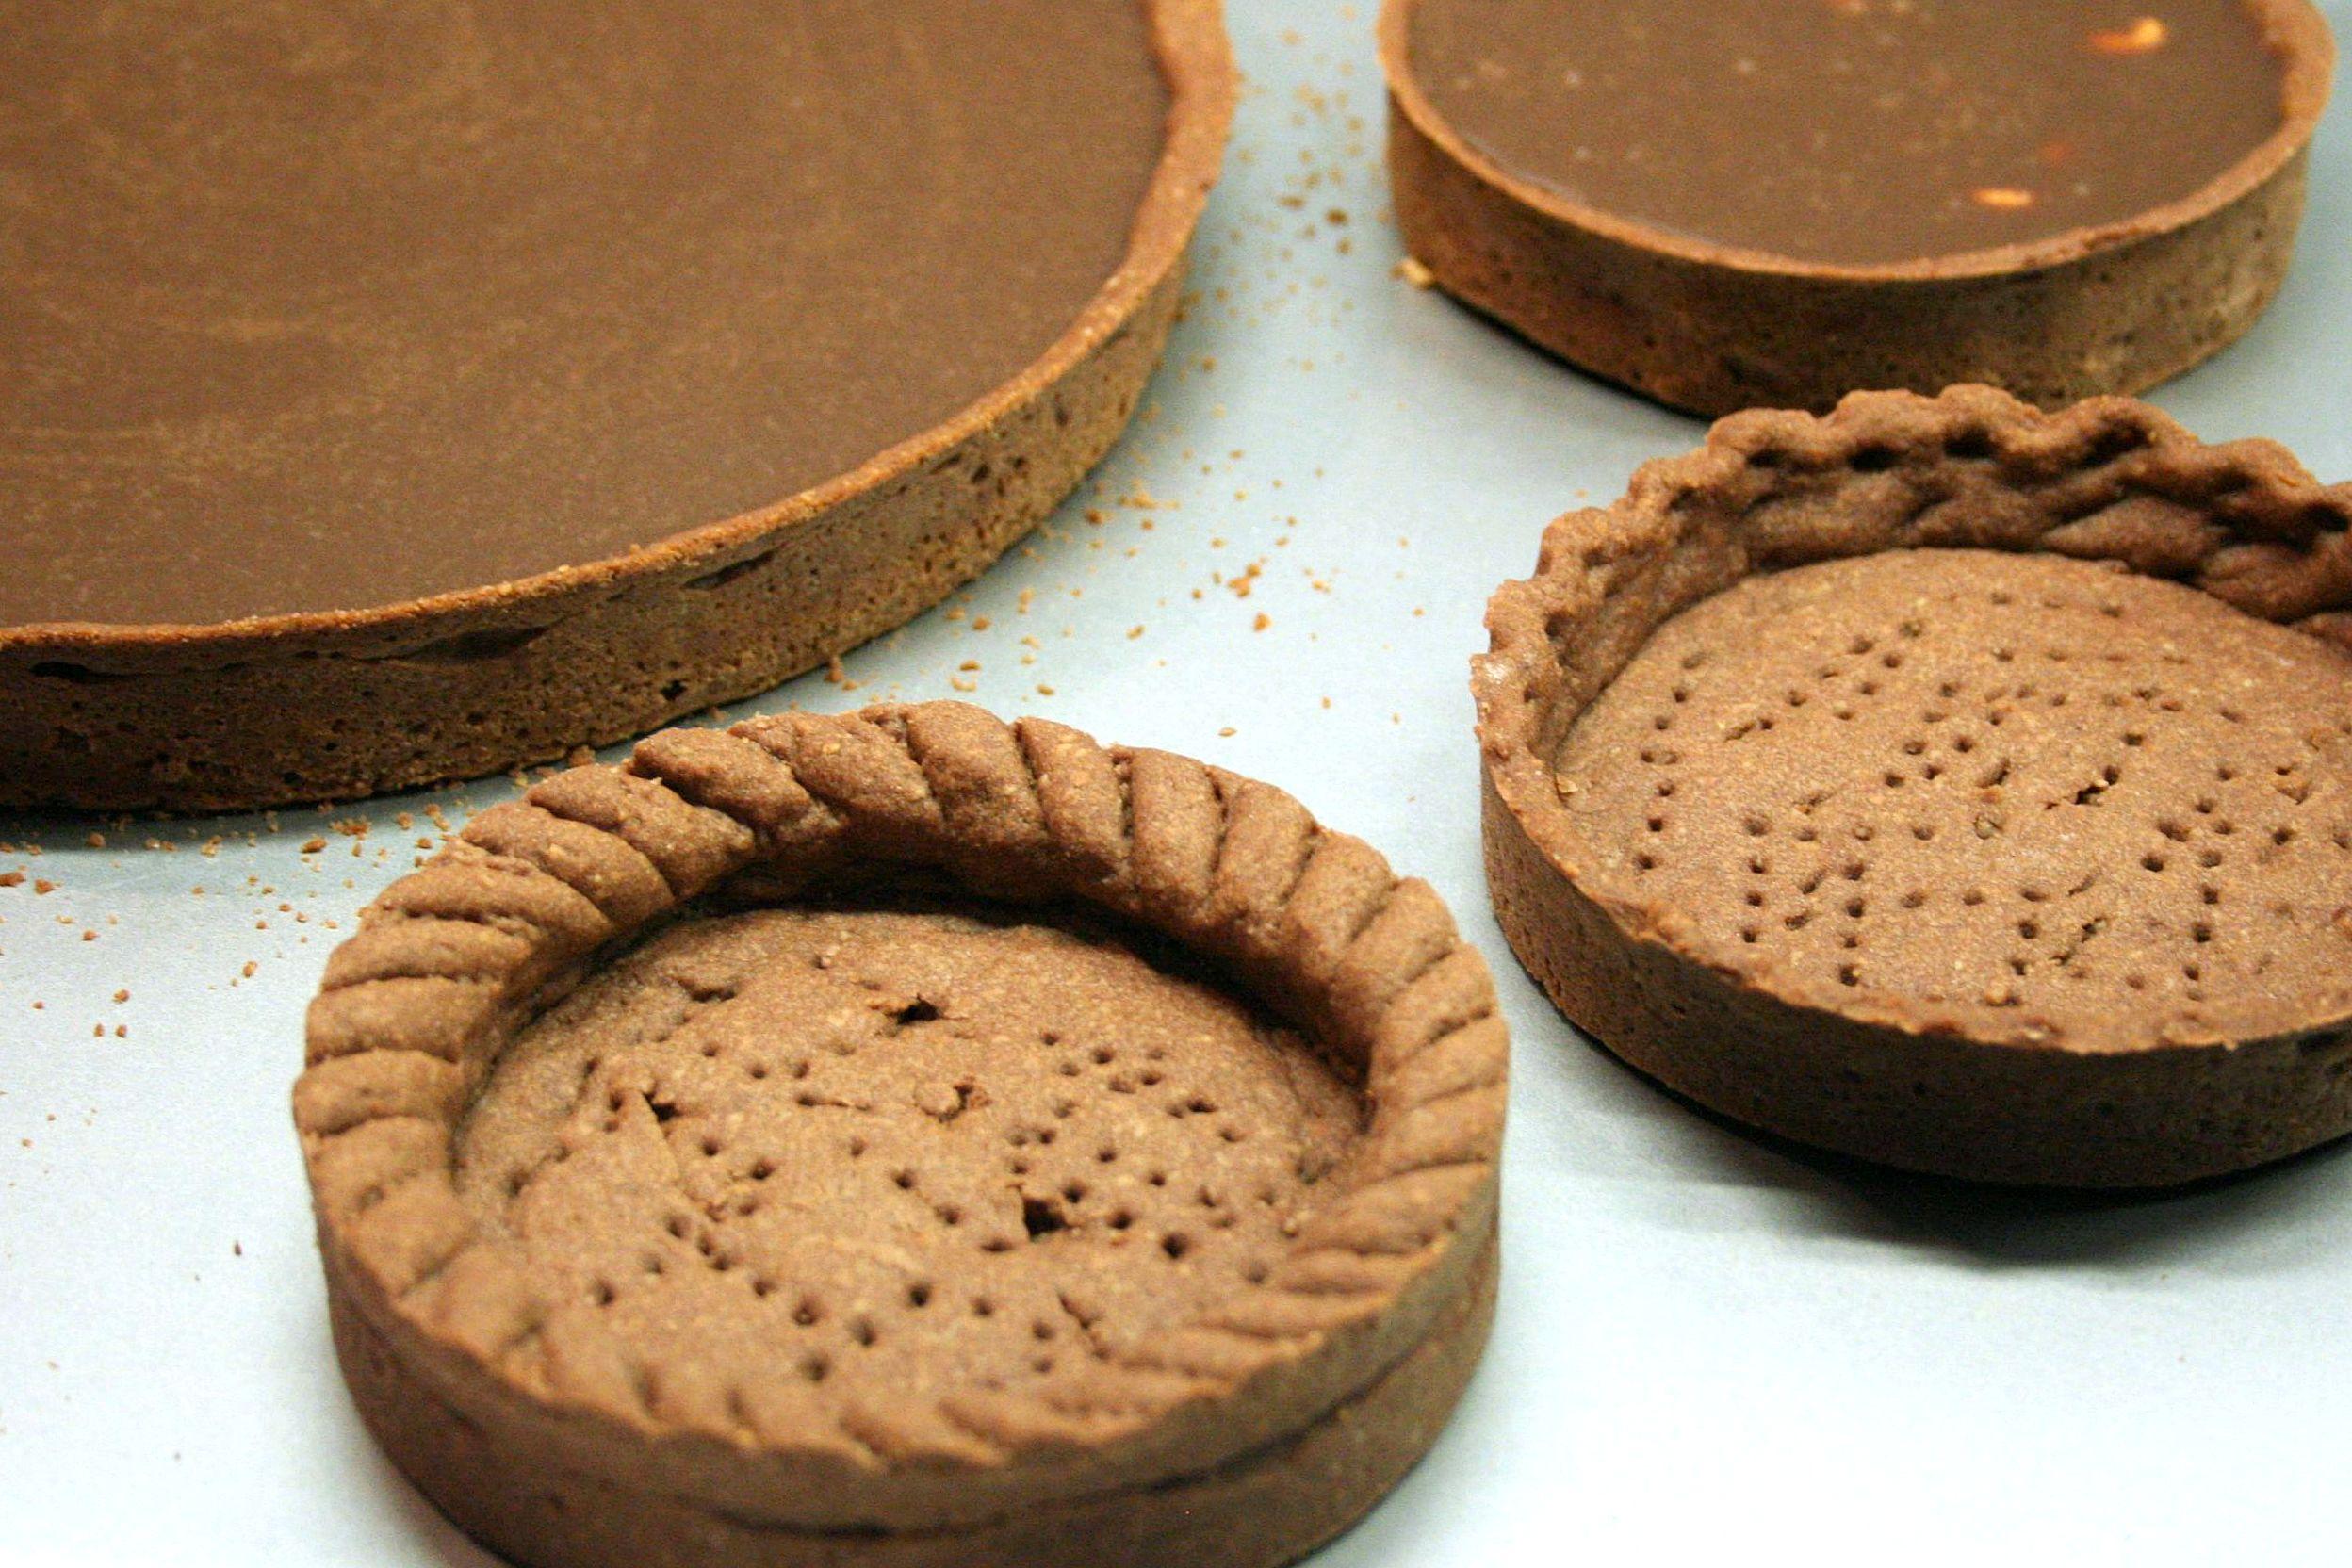 Tarte au chocolat ou tarte snickers cooking mumu - Fond de tarte biscuit ...